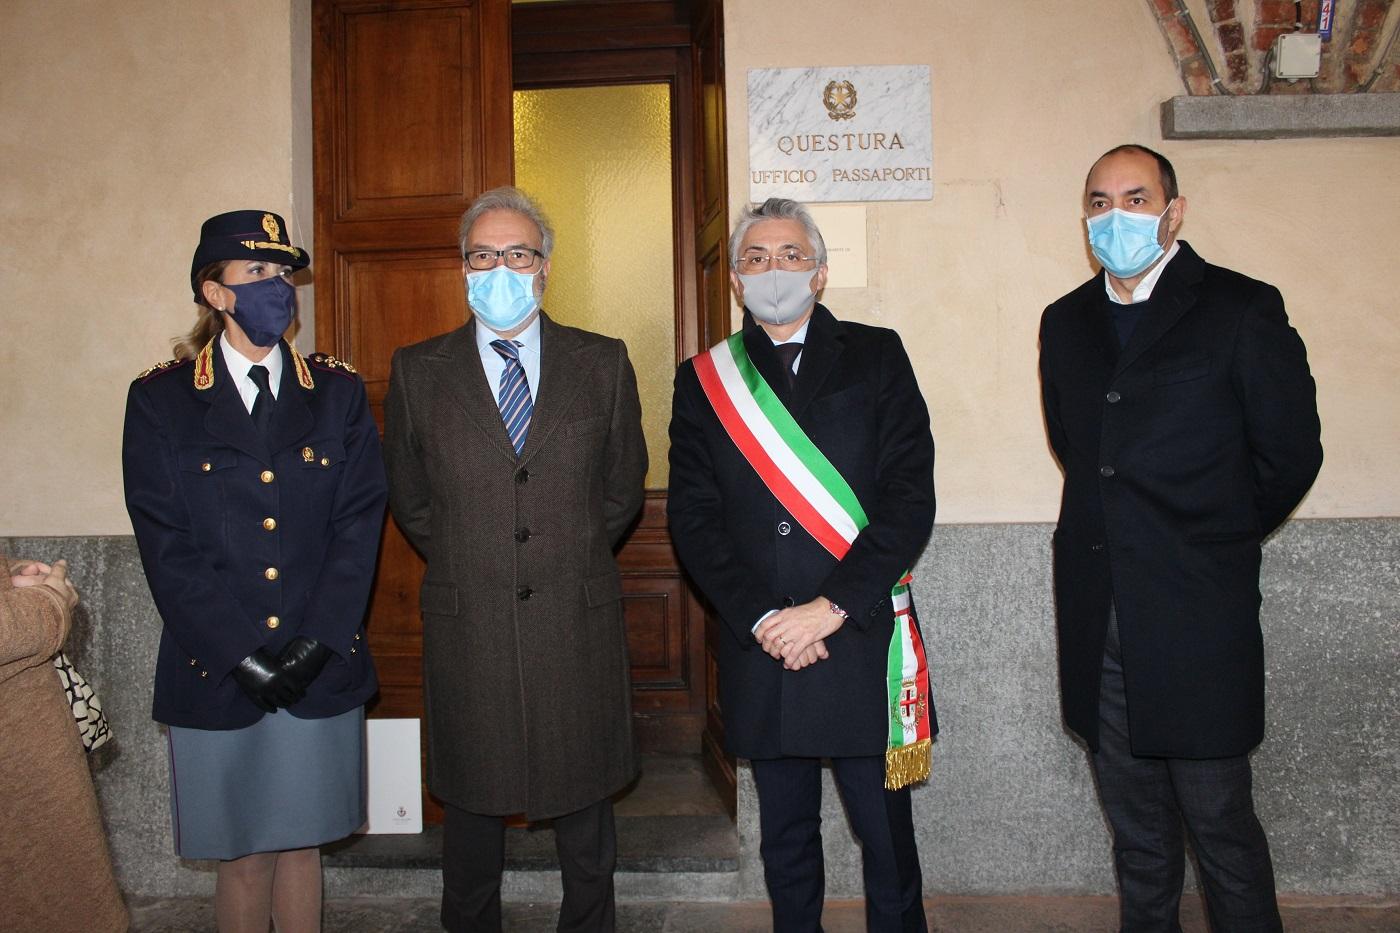 Inaugurazione Sportello passaporti Alba